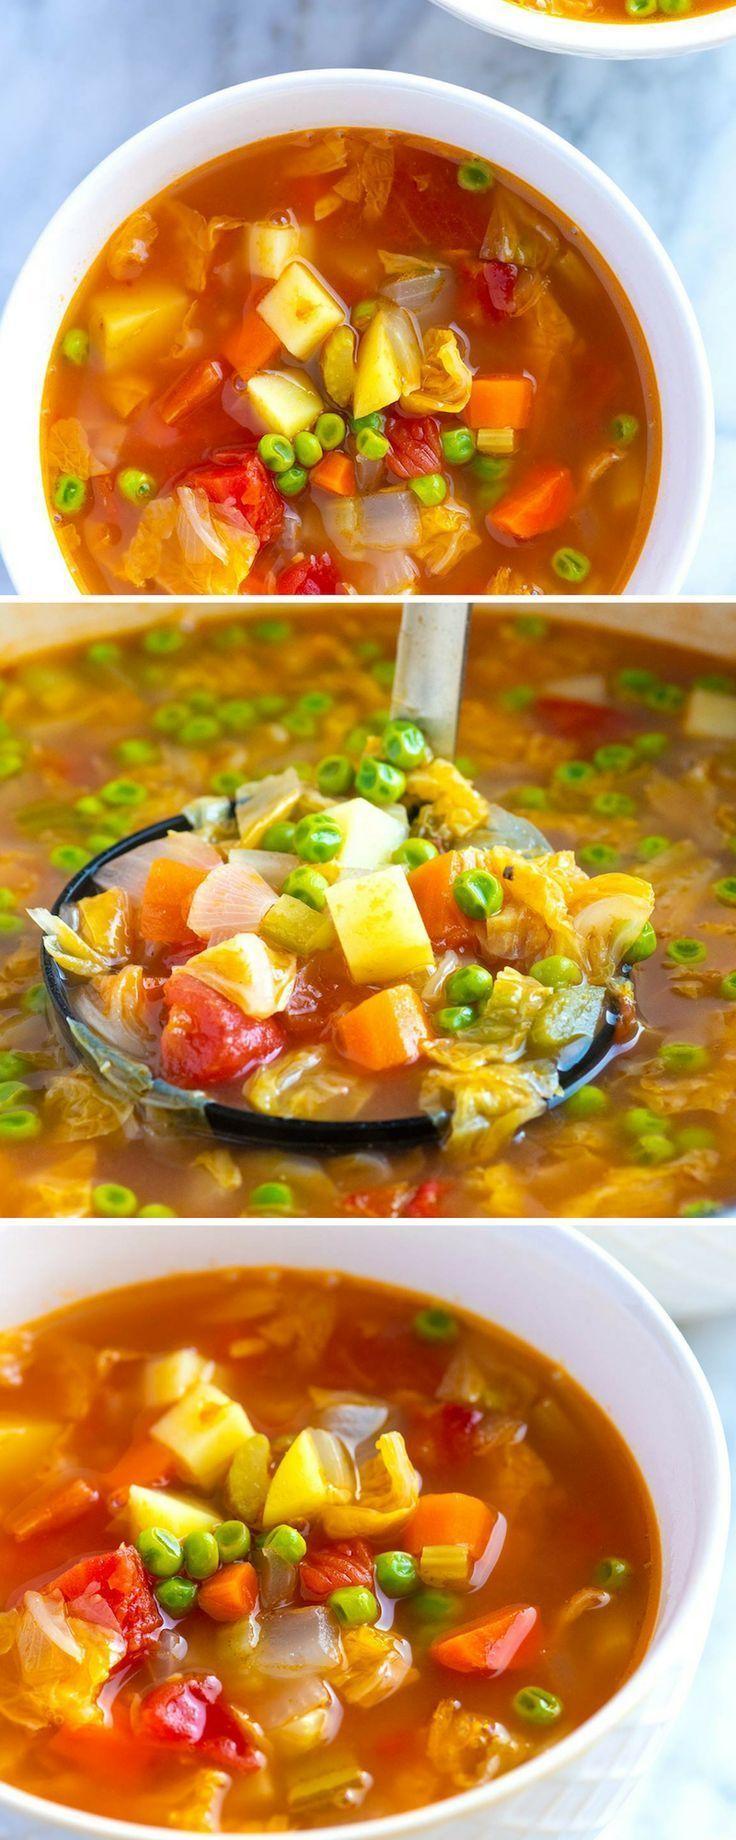 Easy Homemade Vegetable Soup Recipe Easy Vegetable Soup Vegetable Soup Recipes Homemade Veggie Soup